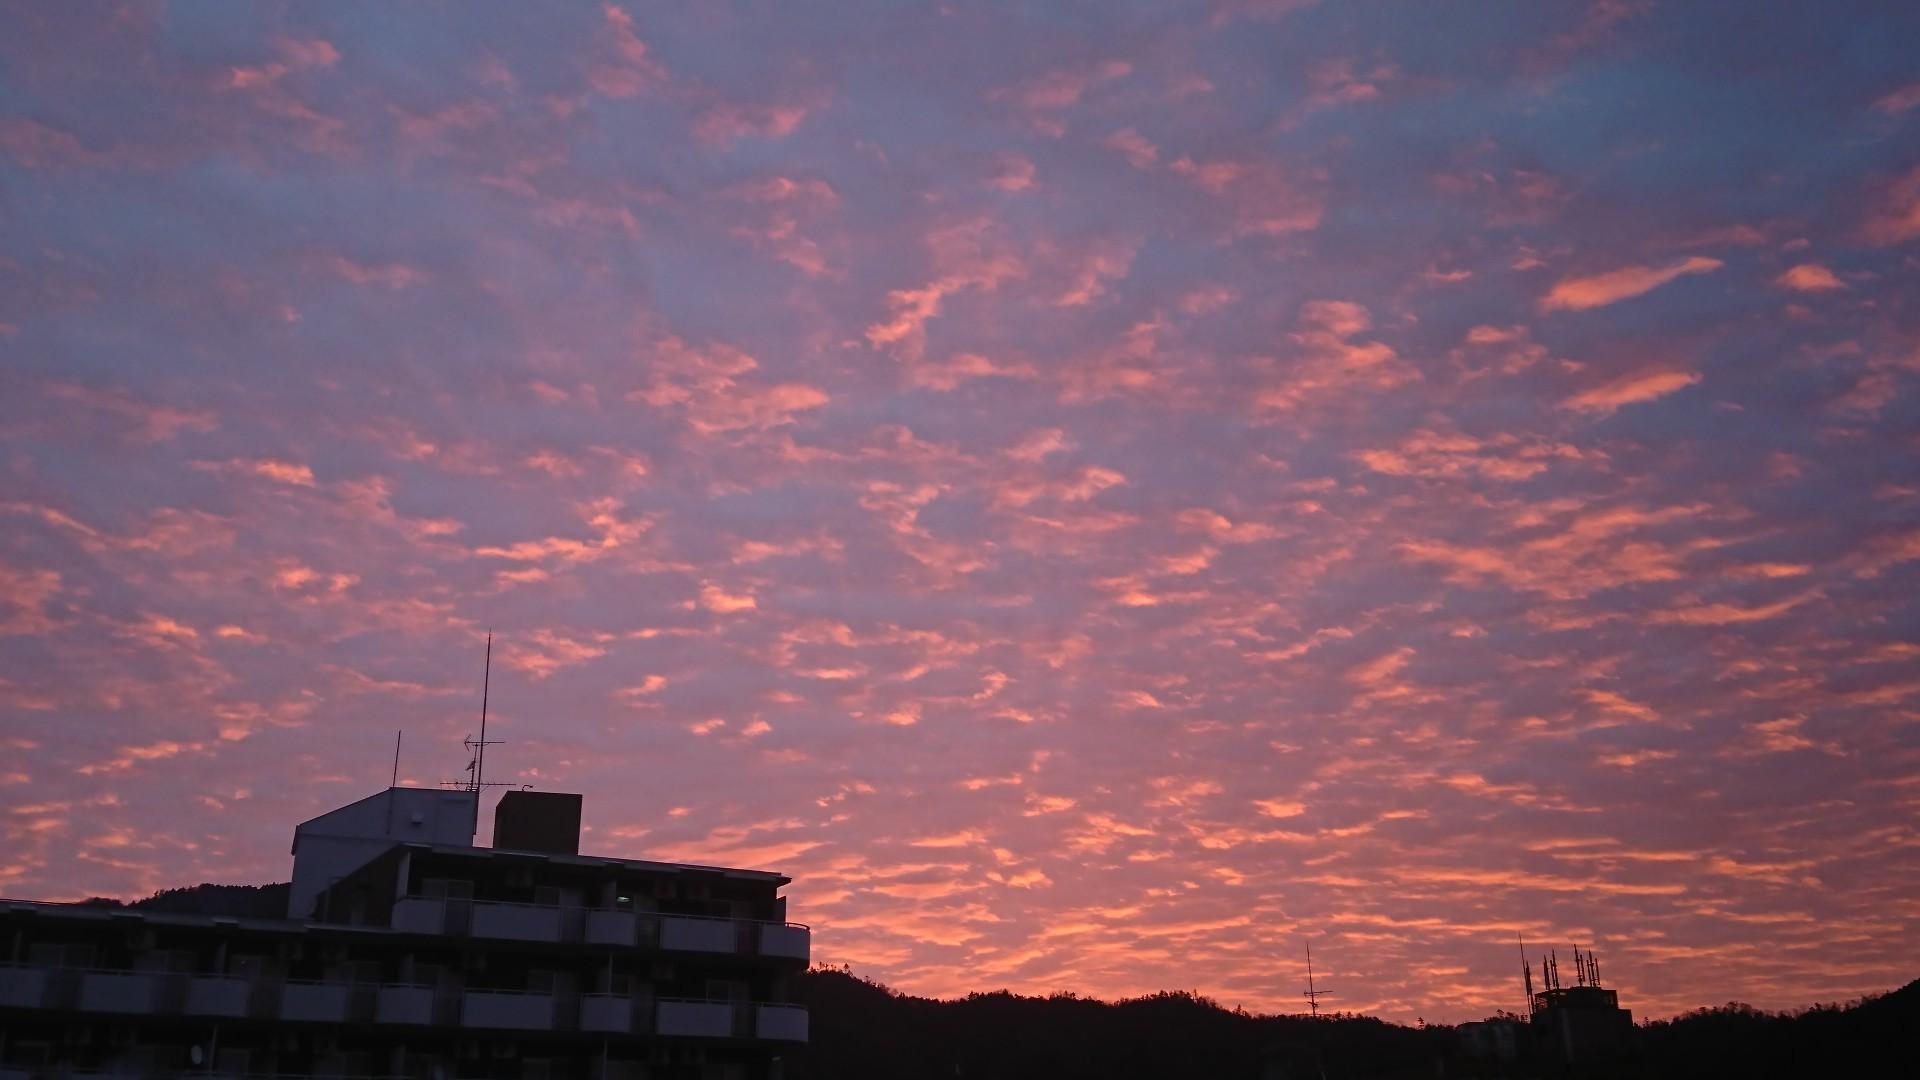 すごい朝焼け と 武田薬品の京都薬用植物園